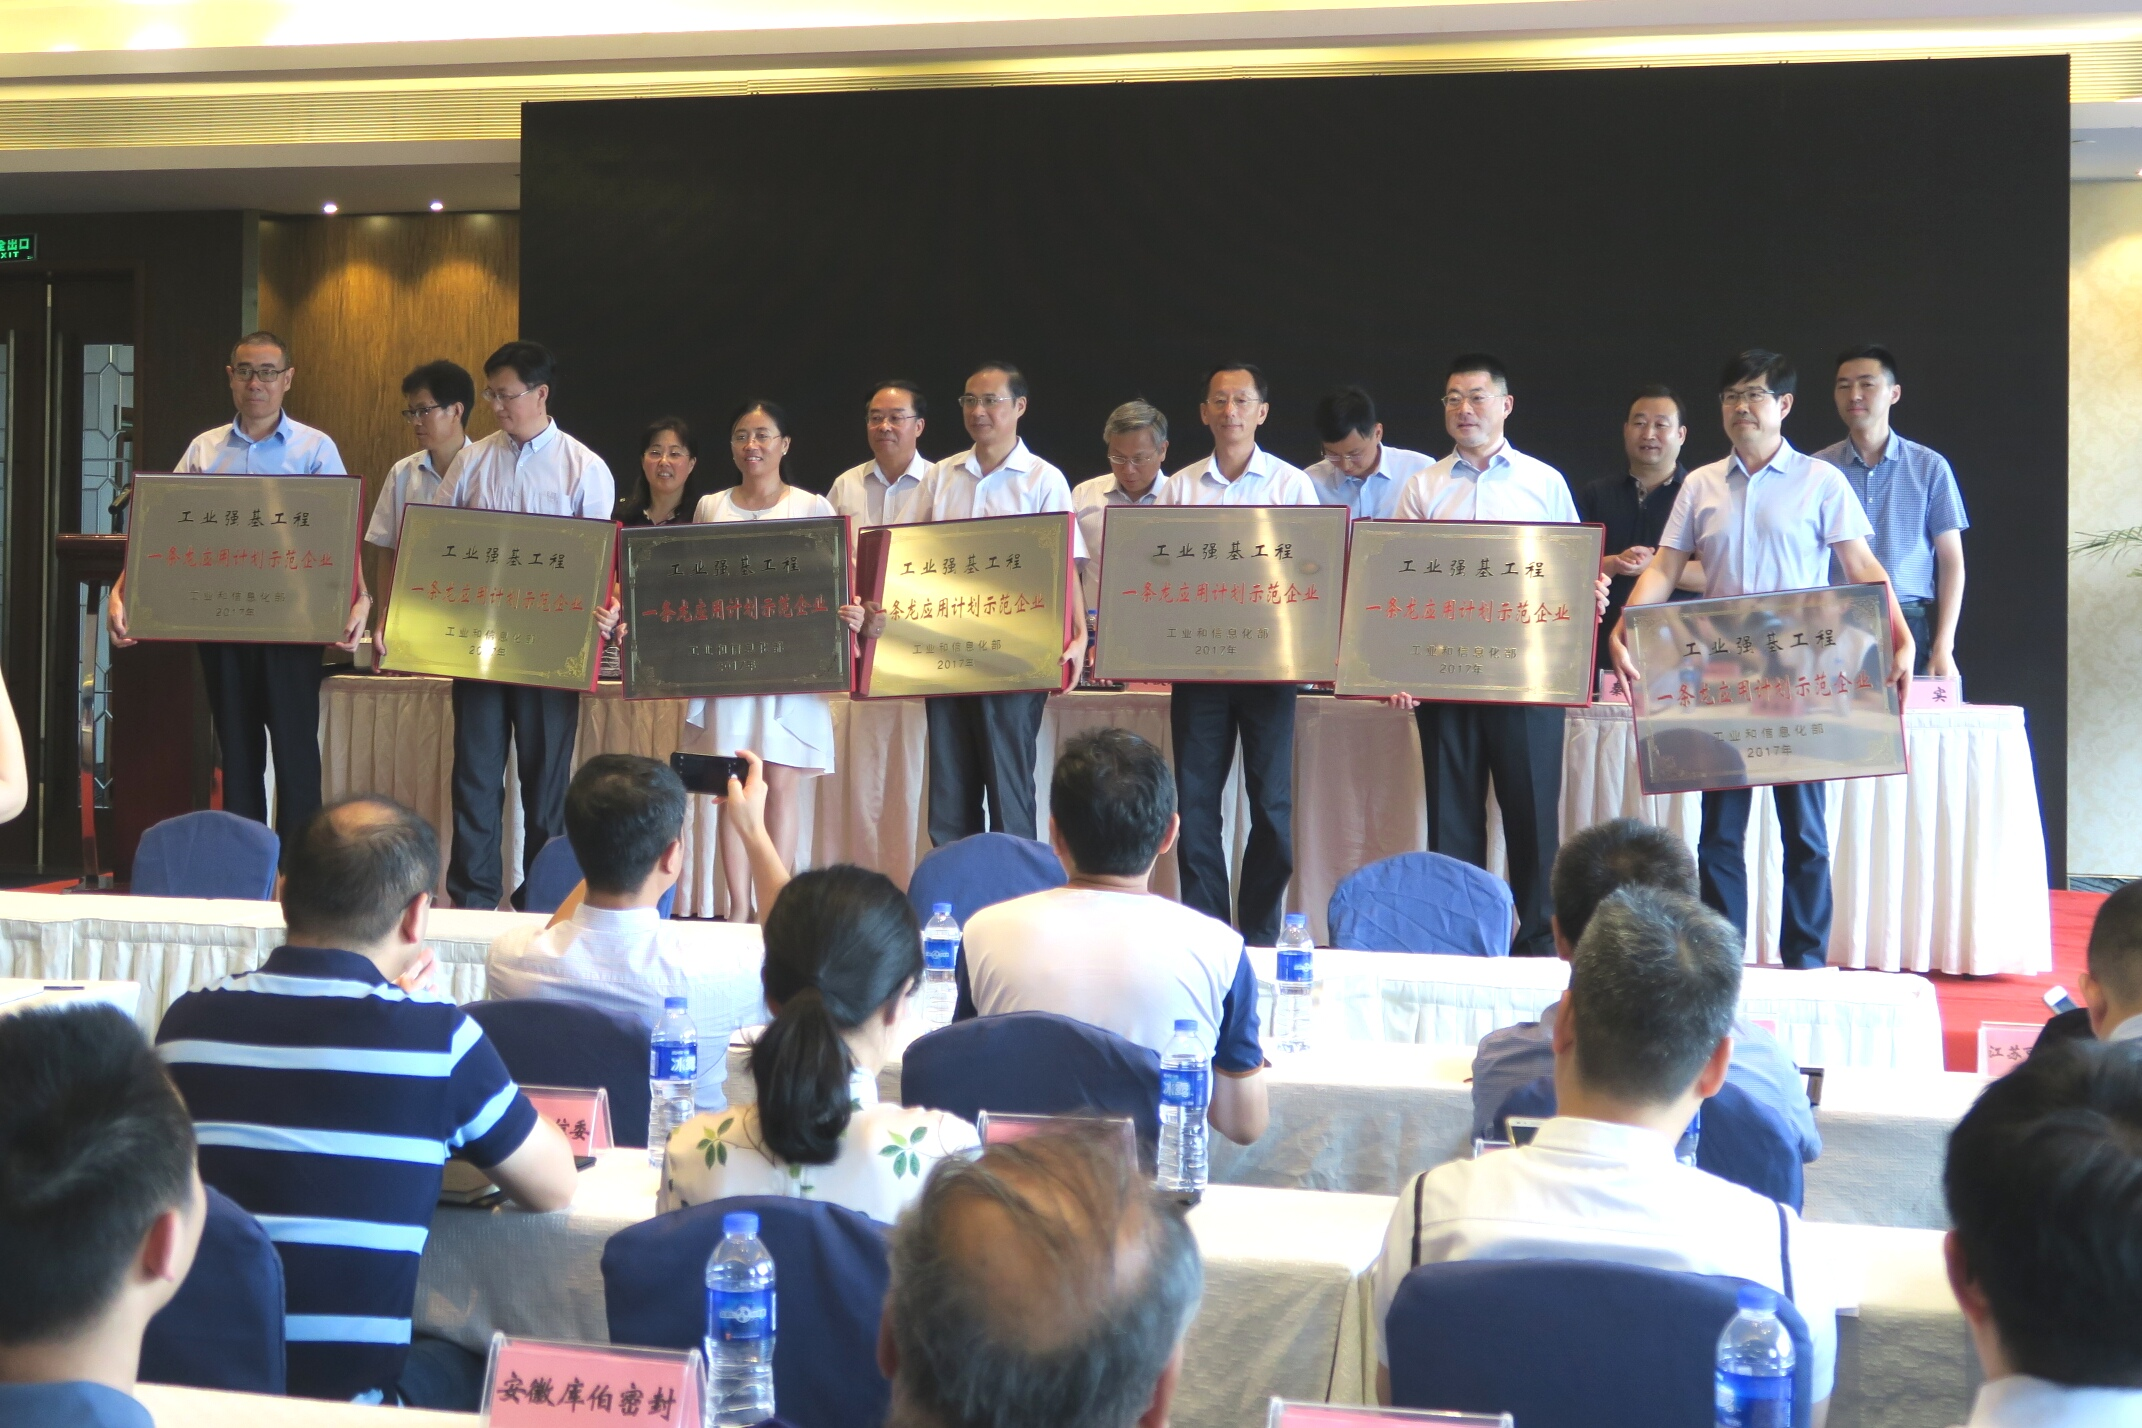 力克川液壓出席工業強基工程授牌儀式